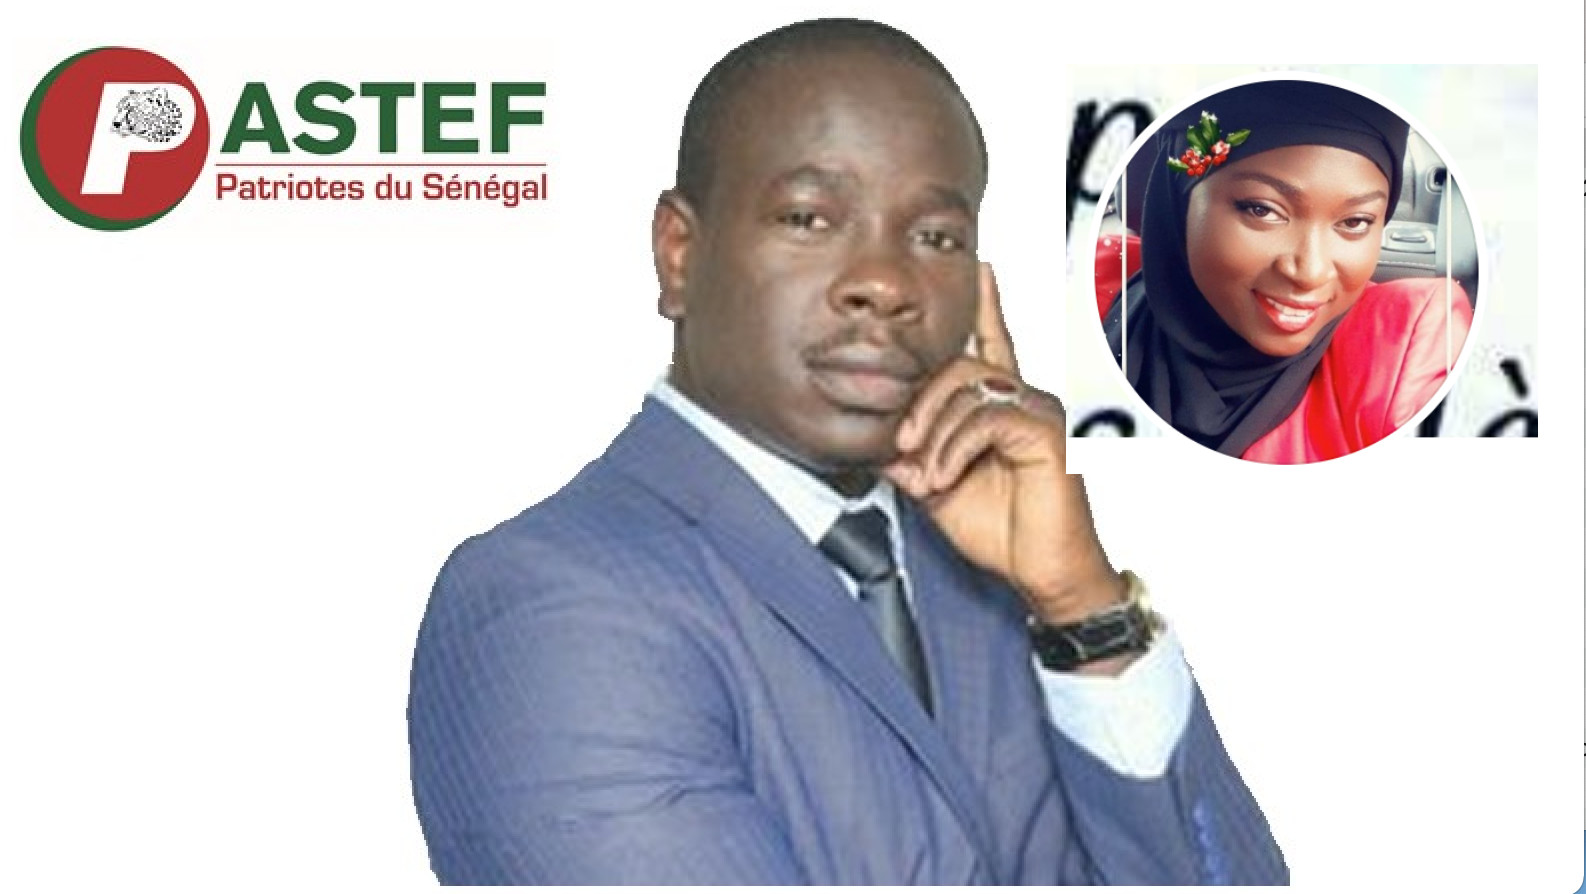 Arrestation de Patricia Mariame Ngandoul: Son époux Biram Souleye Diop a pris la fuite, mais est recherché par...